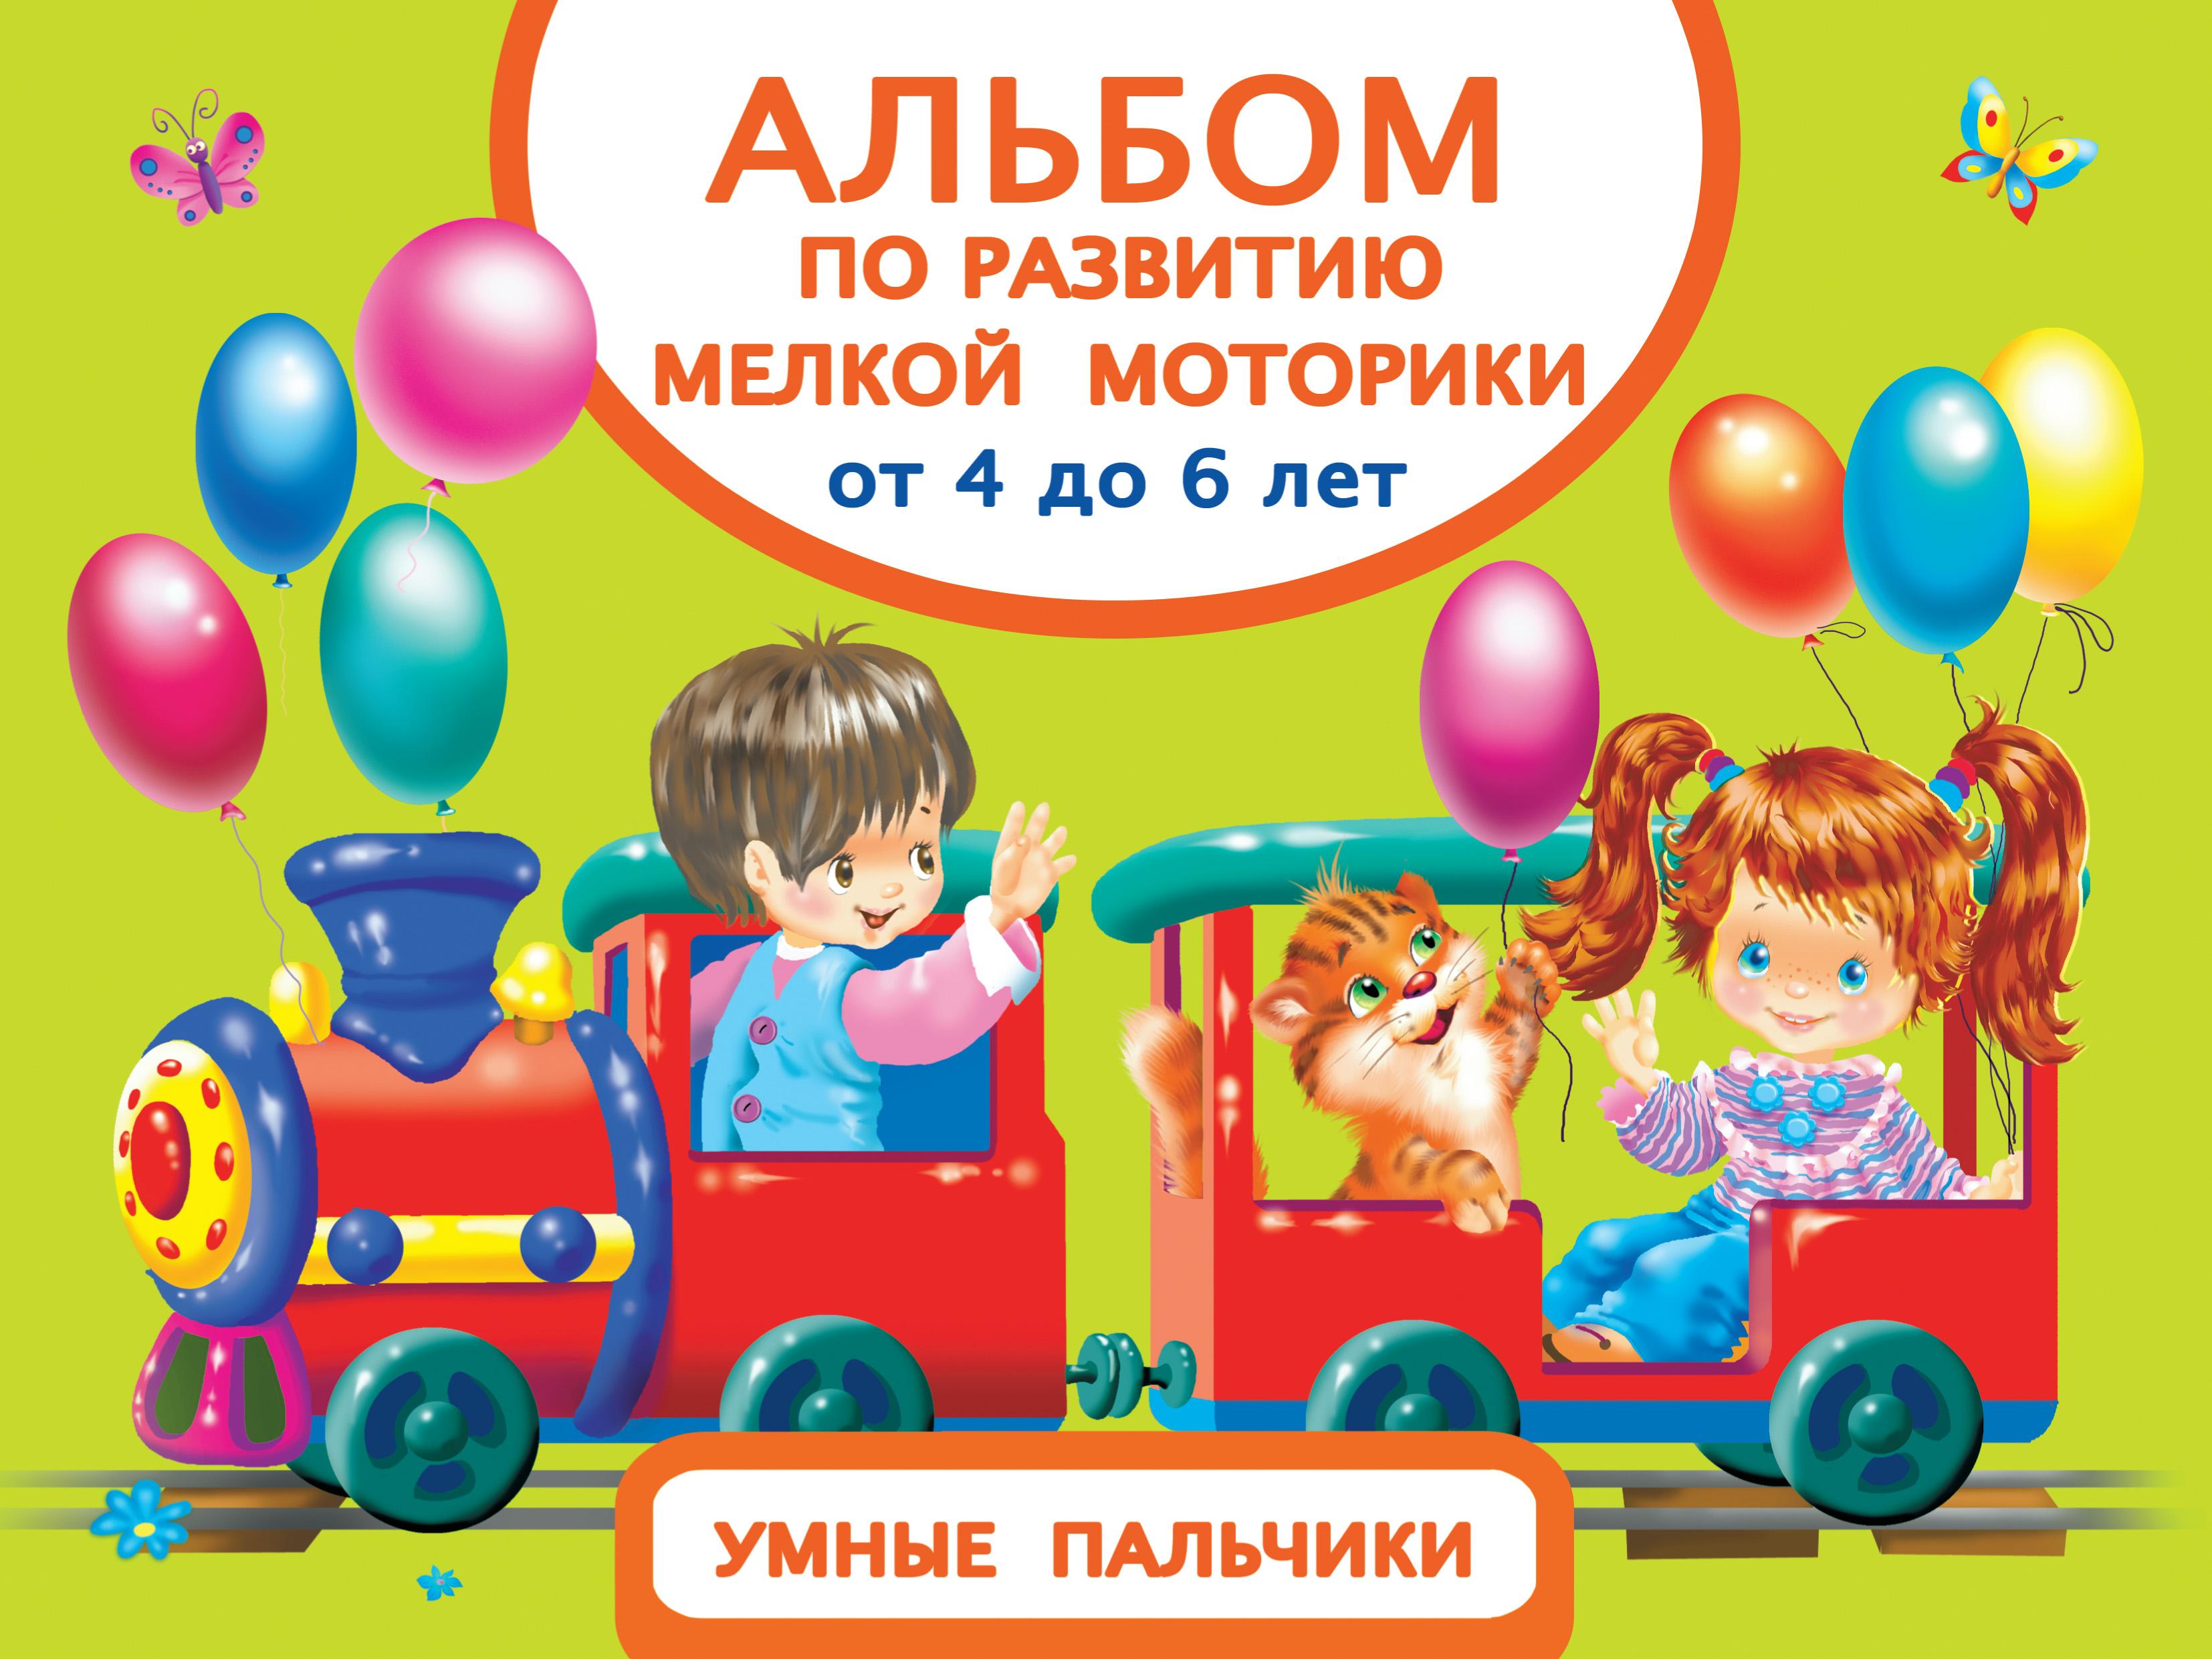 В. Г. Дмитриева Альбом по развитию мелкой моторики. Умные пальчики. От 4 до 6 лет альбом по развитию математических способностей